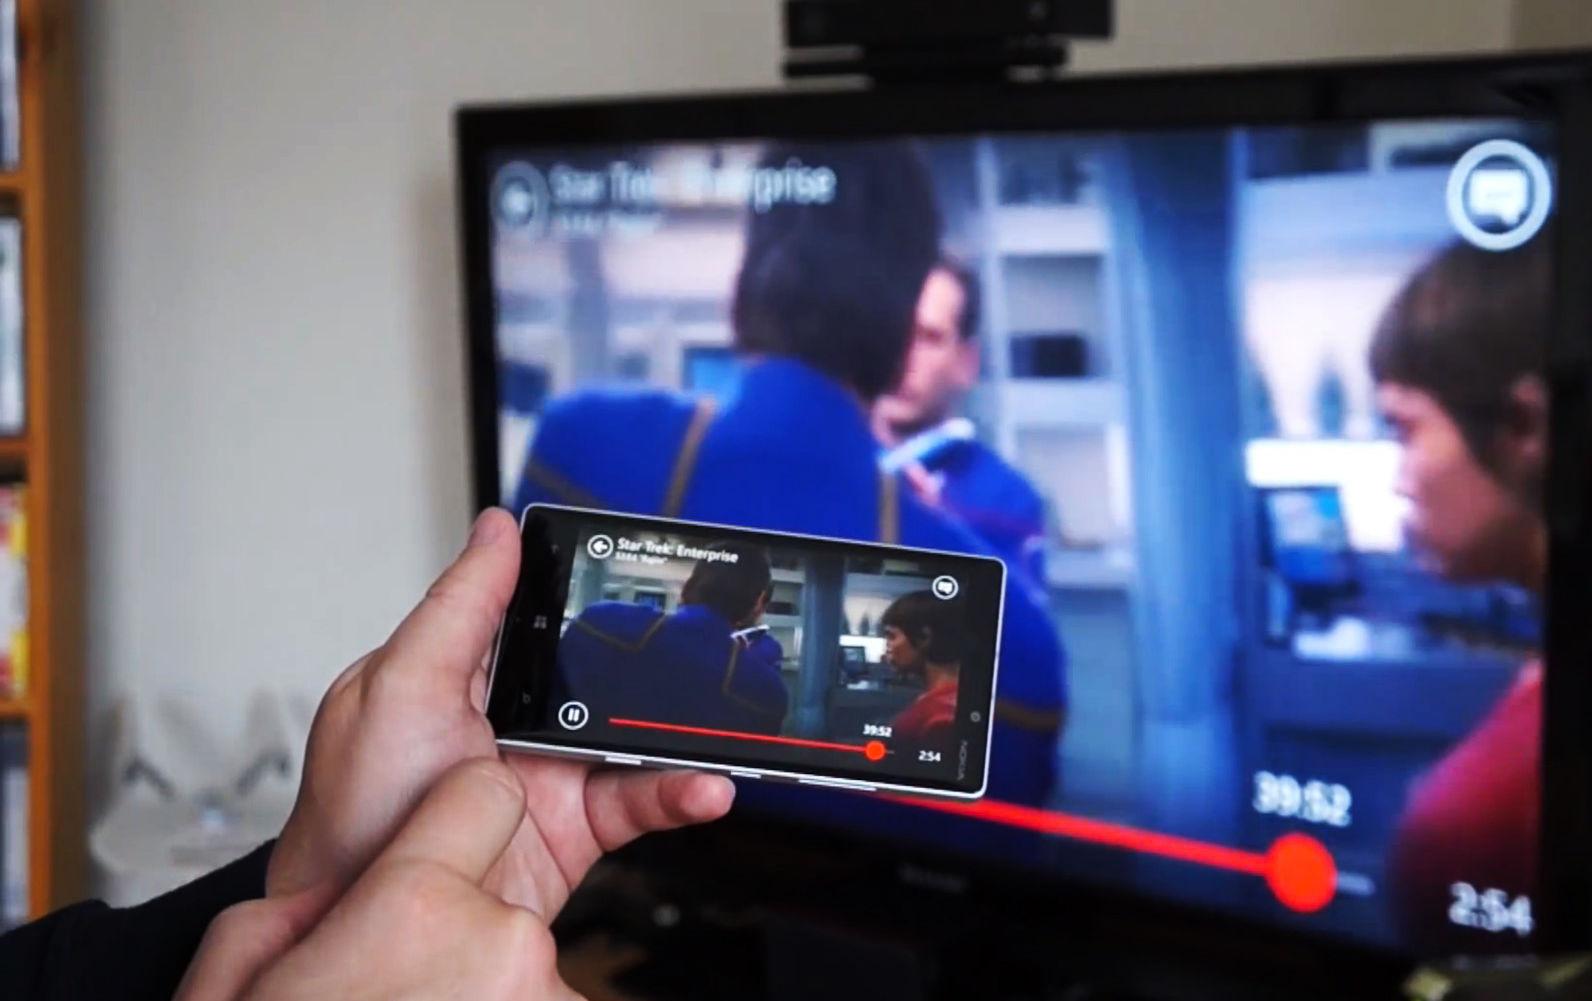 Просмотр фото через телевизор самсунг